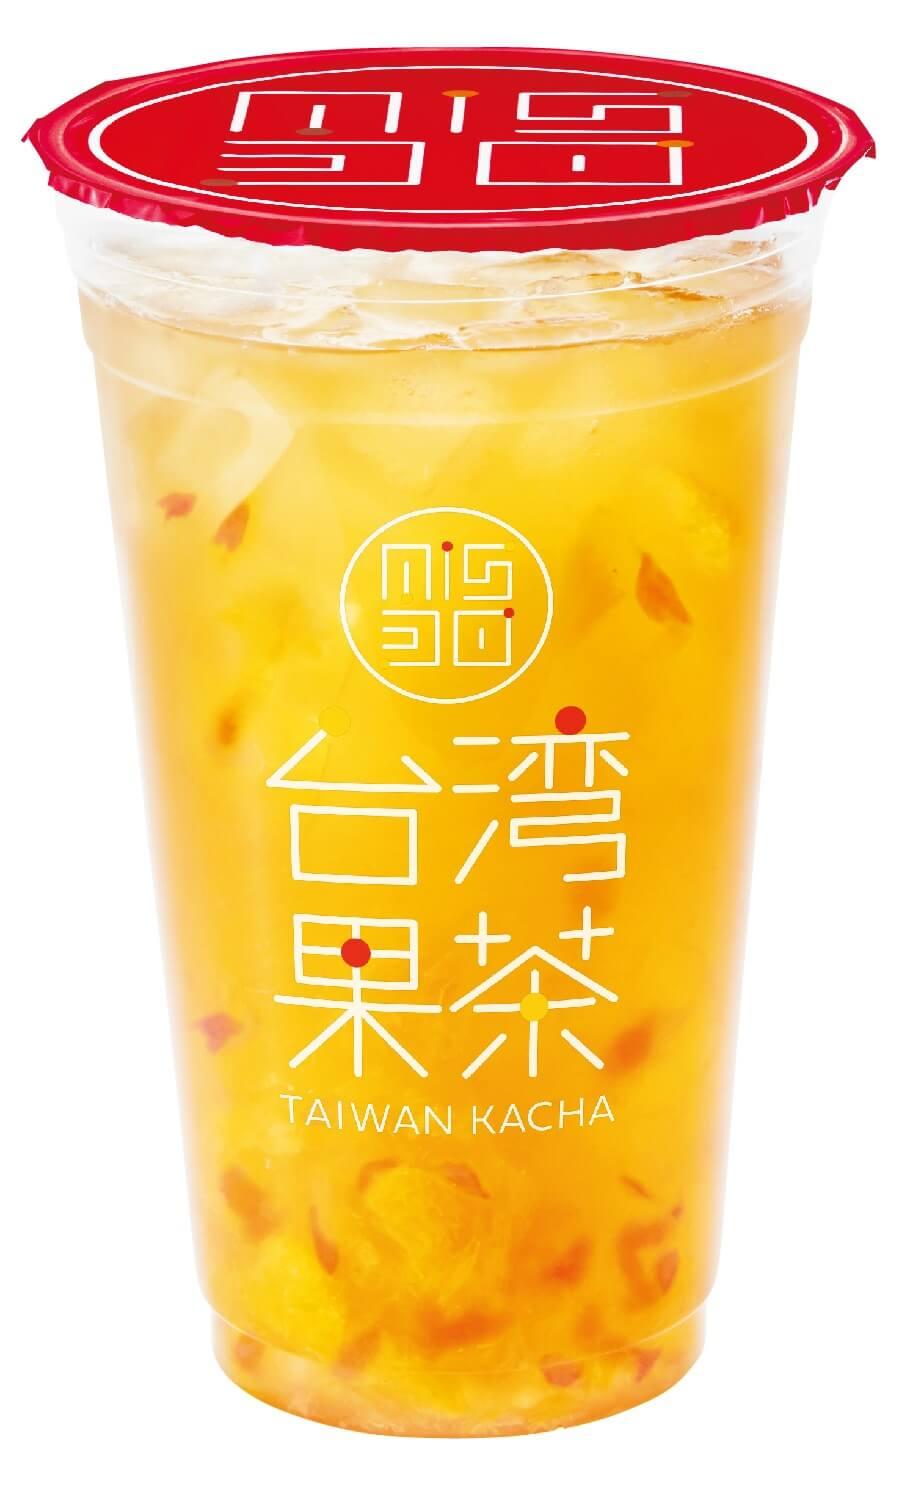 ミスタードーナツ『台湾果茶』-オレンジピンクグレープフルーツジャスミン